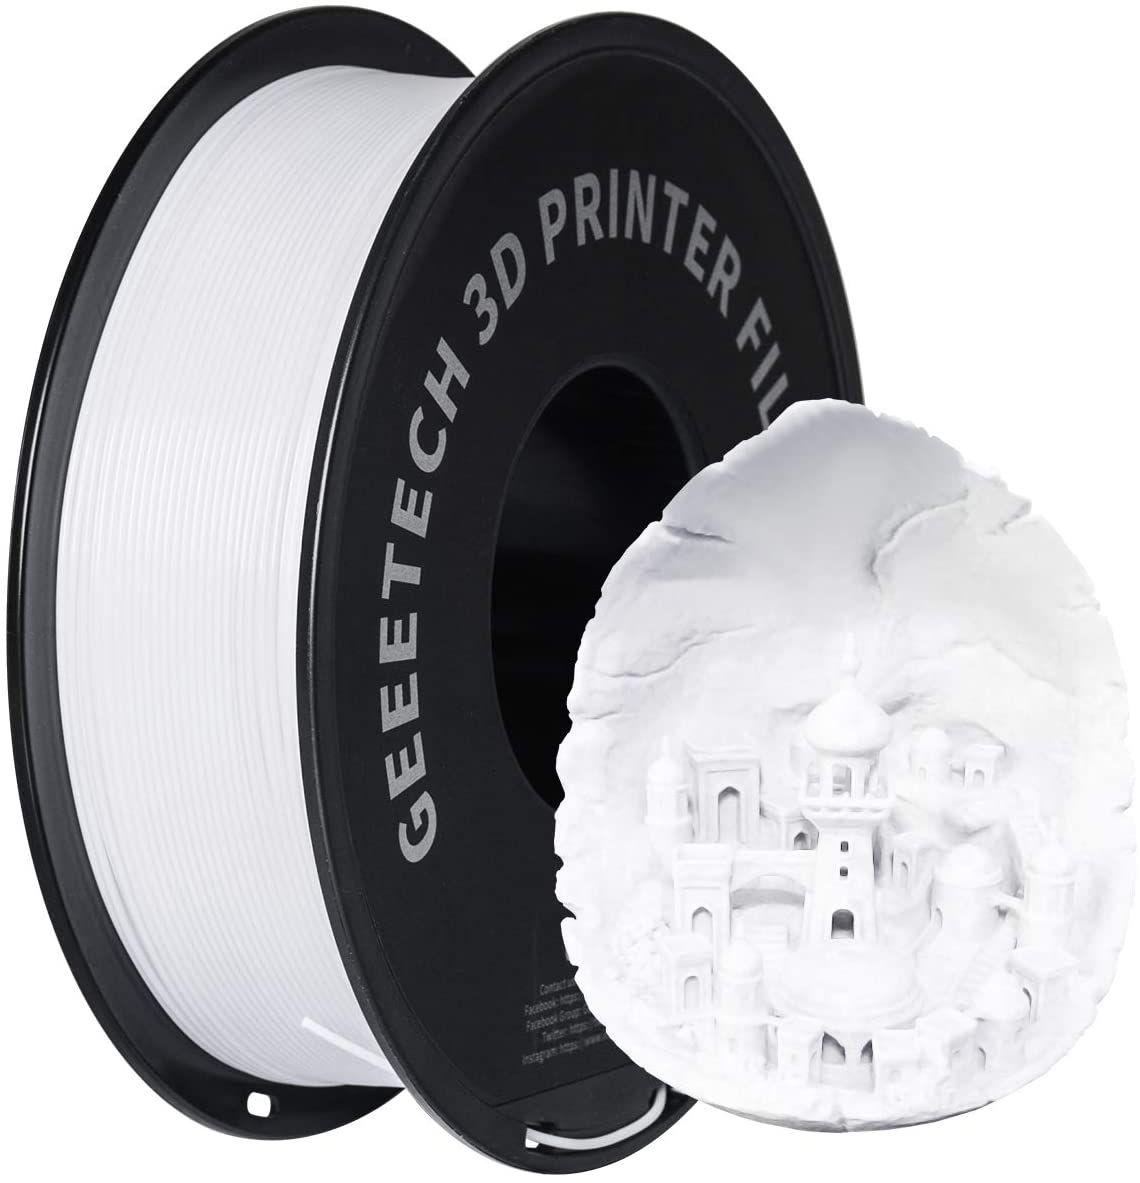 GEEETECH Filamento PETG 1.75mm 1kg en 4 colores. Marca Top a precio de marca China barata